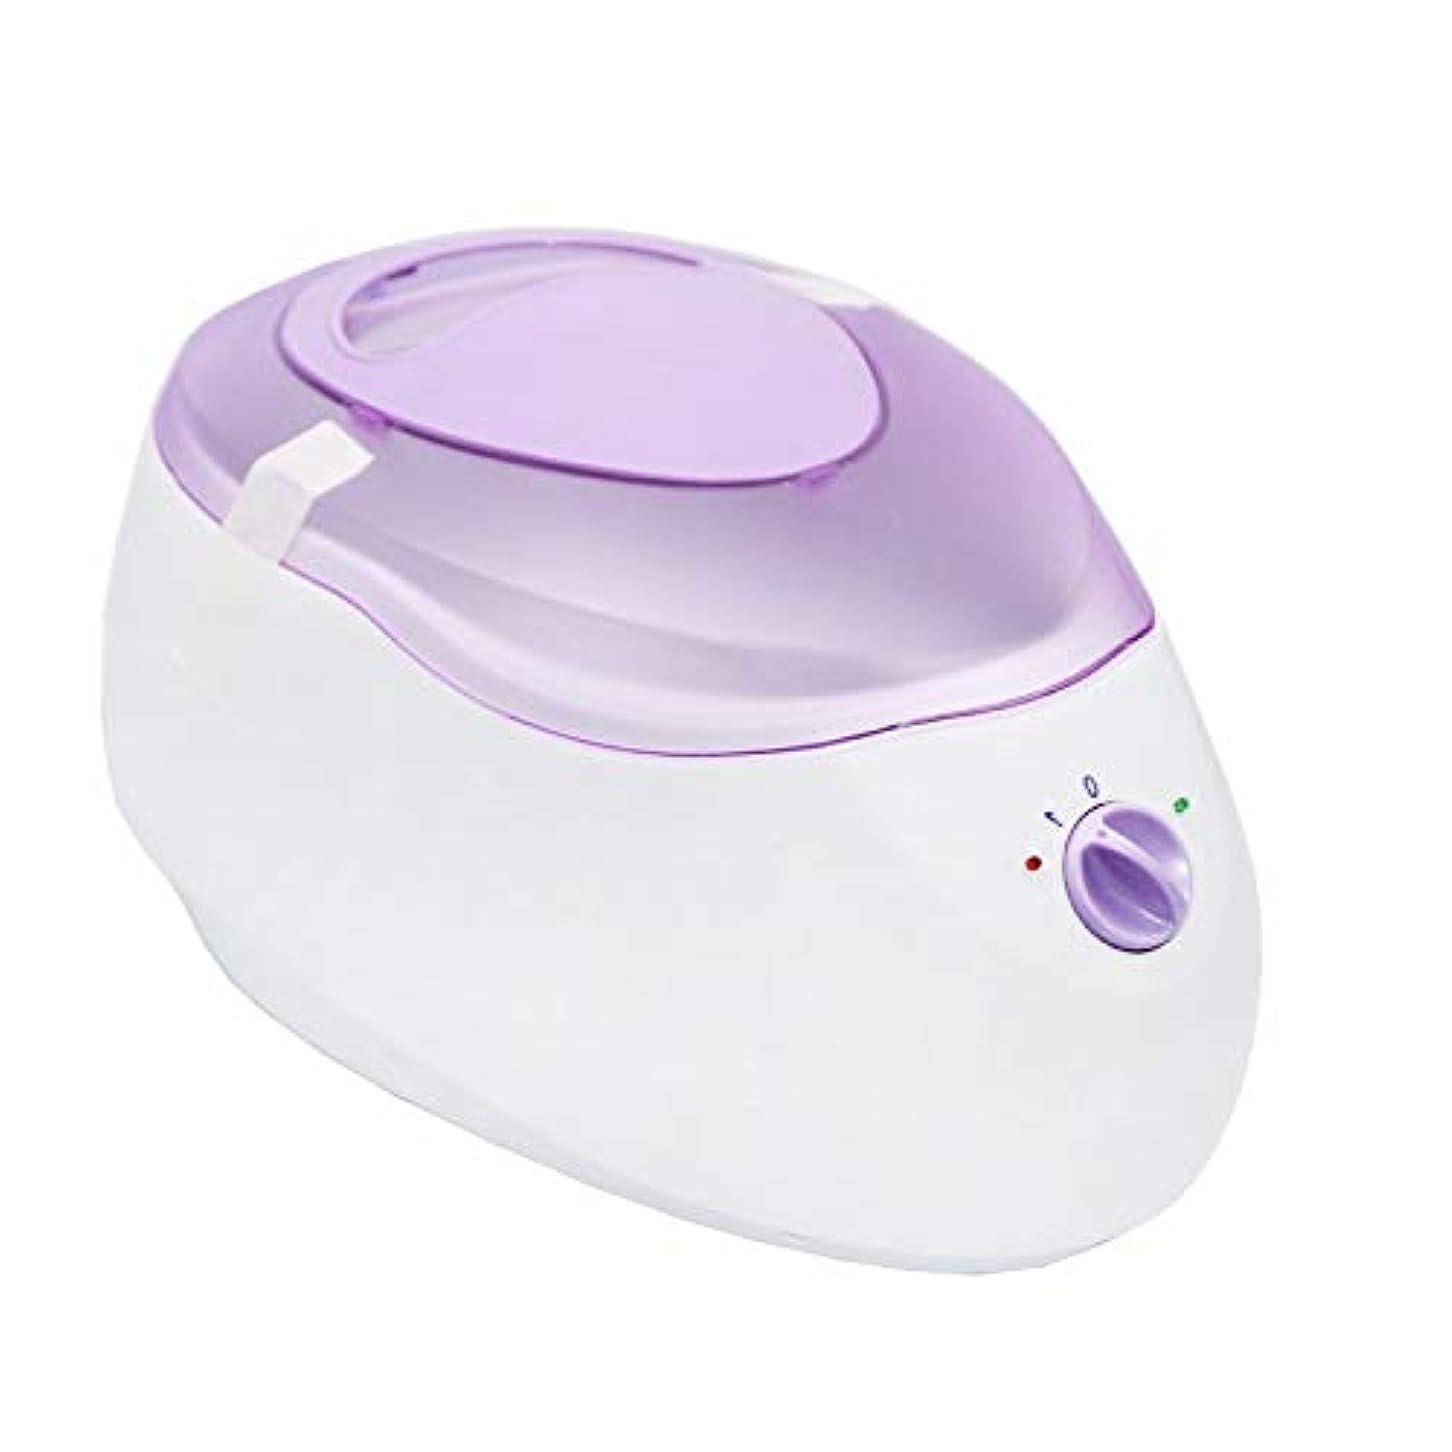 テーマ邪悪なソーシャルすべてのワックスタイプのための専門の電気ワックスヒーター、ワックスメルター可変温度とウォーマーと内蔵サーモ安全制御脱毛脱毛のために (Color : Purple)